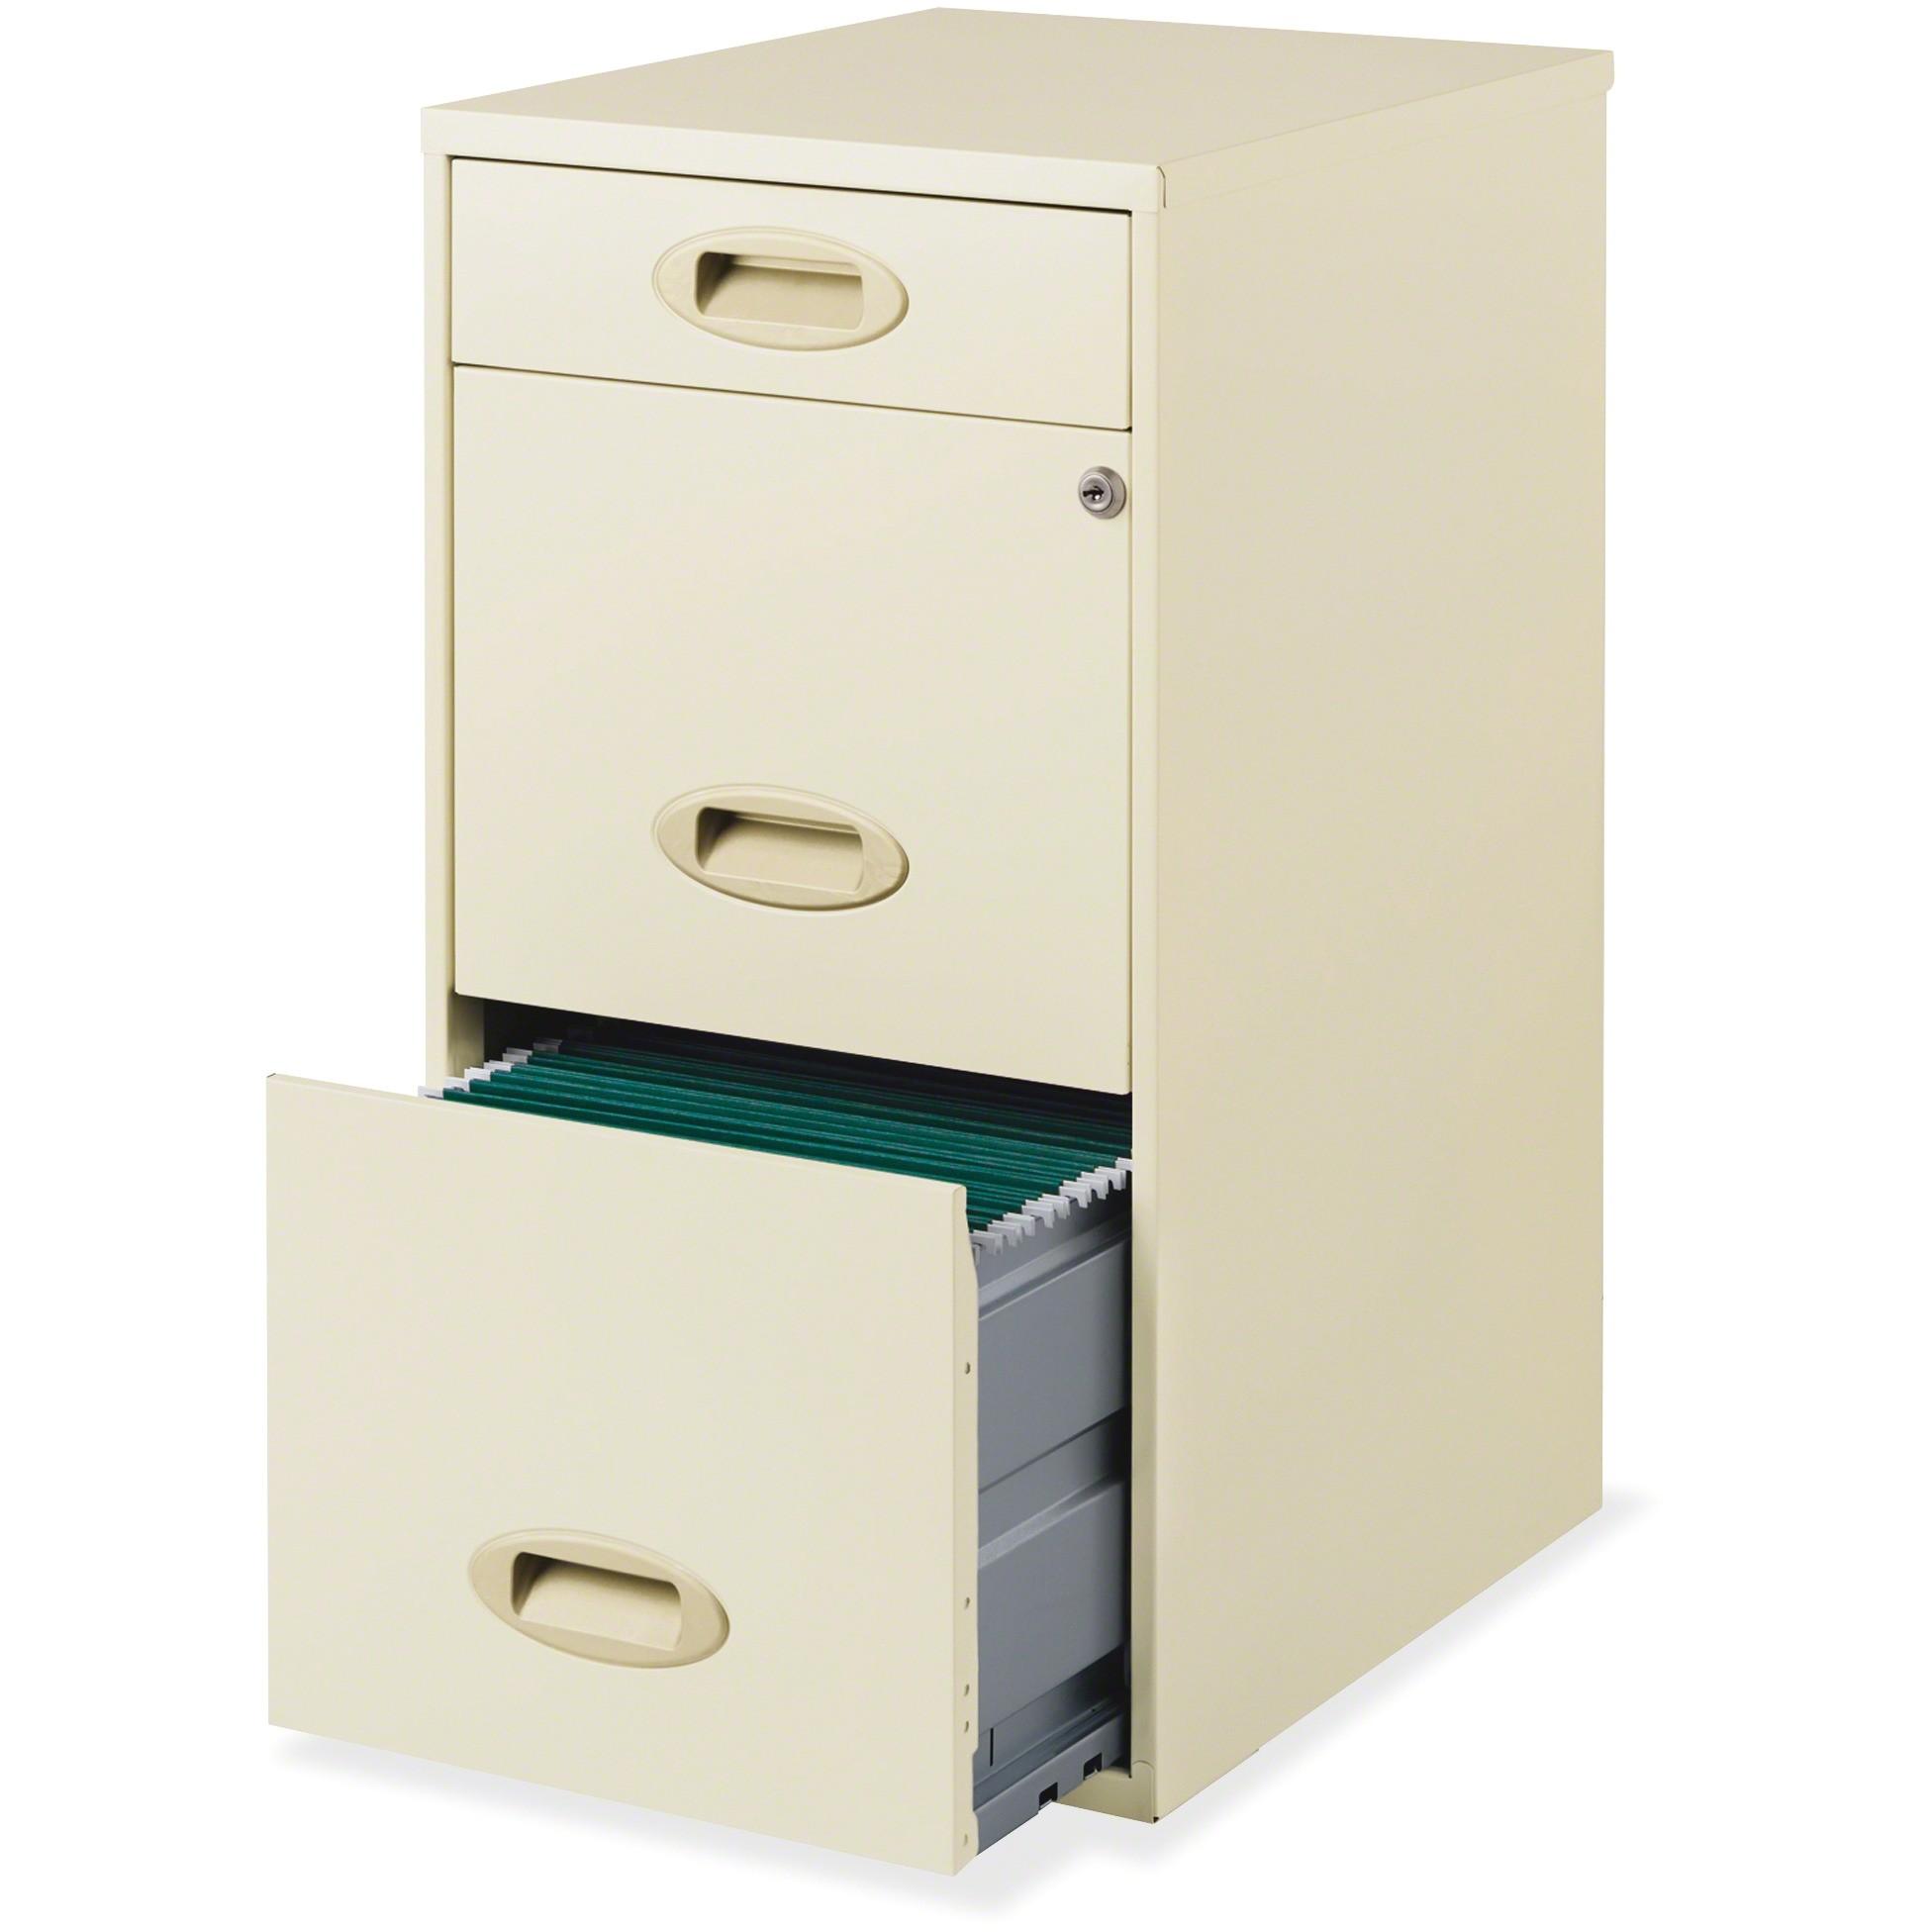 Wood Filing Cabinet Walmart 3 Drawer File Cabinet Walmart Fireking File  Cabinet 2 Drawer File